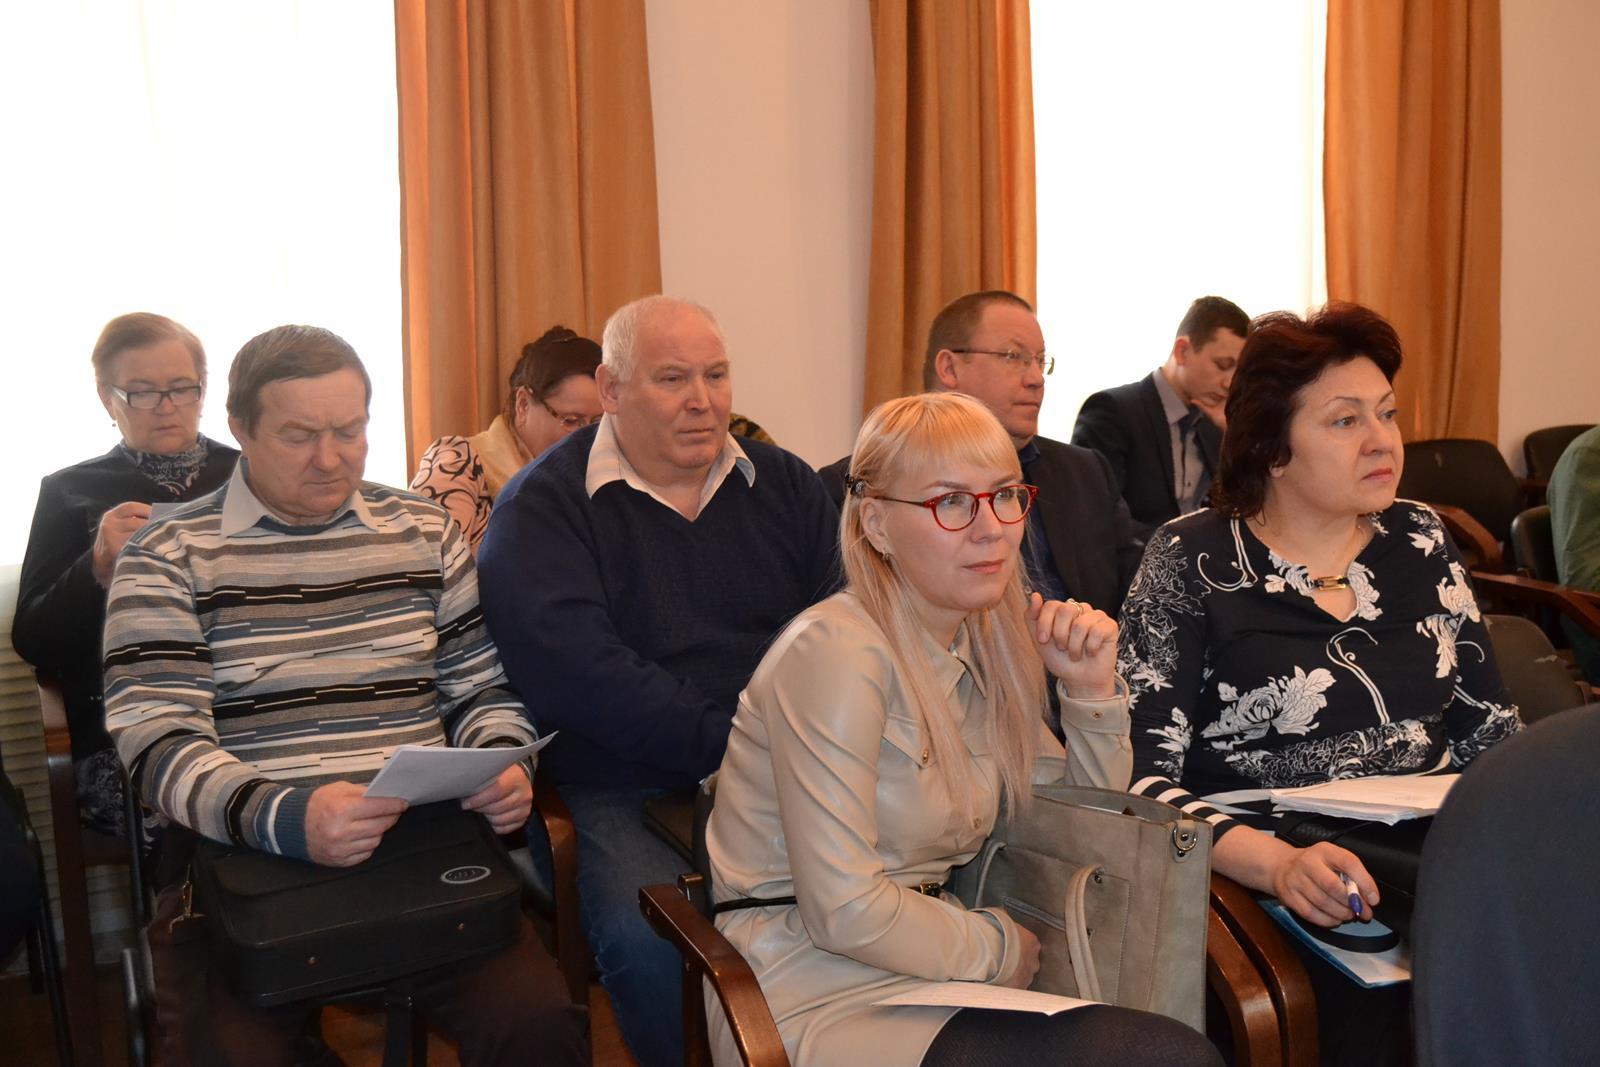 Syktyvdin_glavy-SP-rukovoditeli-predpriyatii_14.02.2018-2.jpg